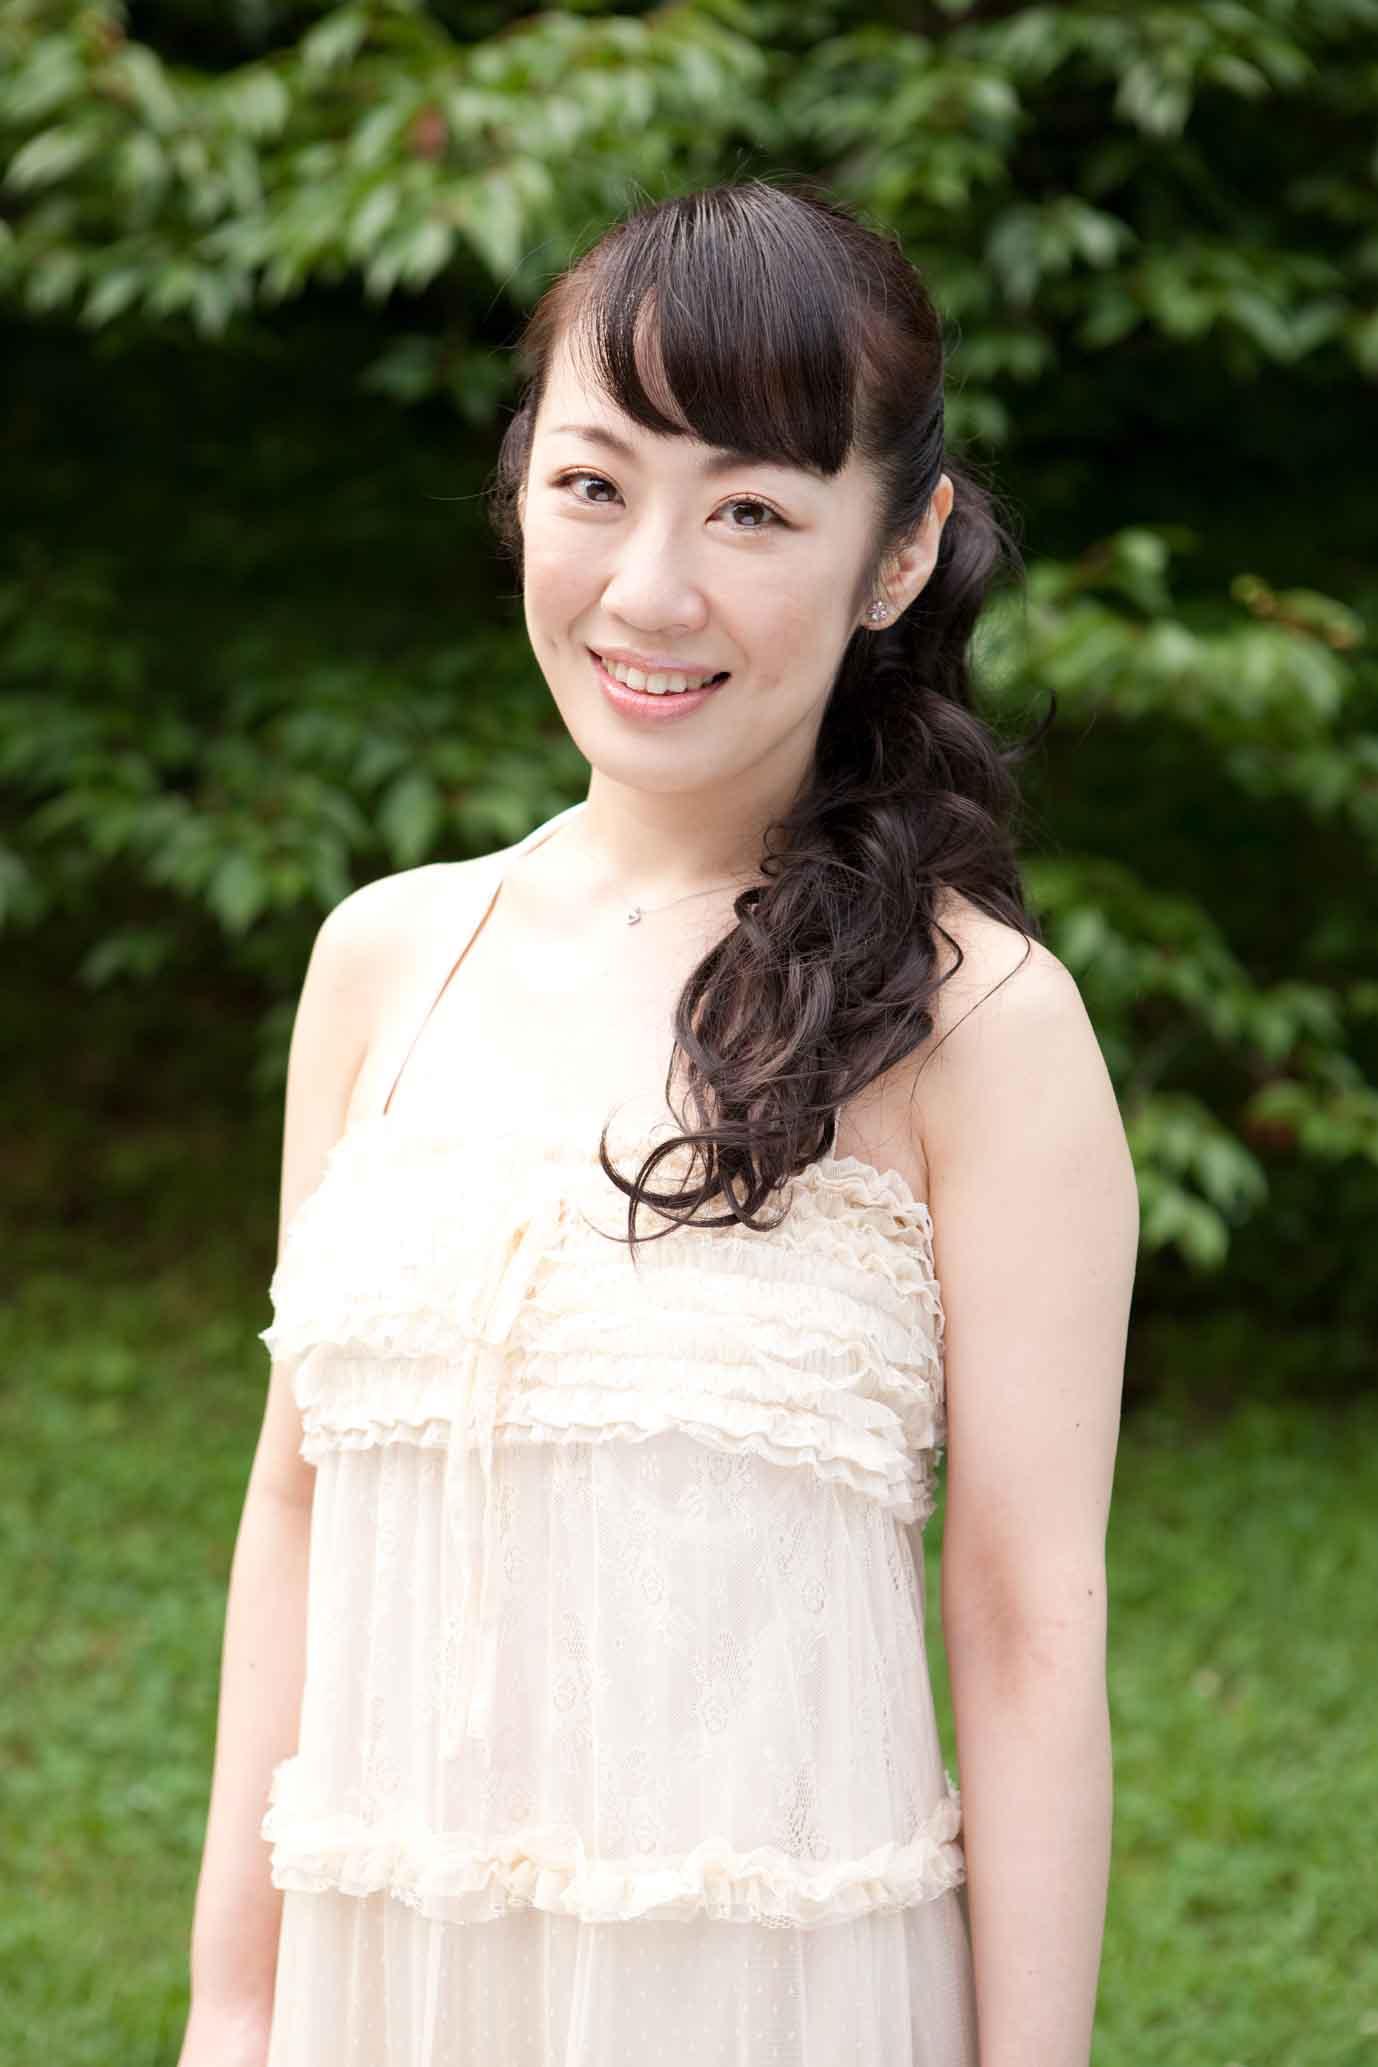 Images Buzzers Image Rikitake Yasushi Wallpaper